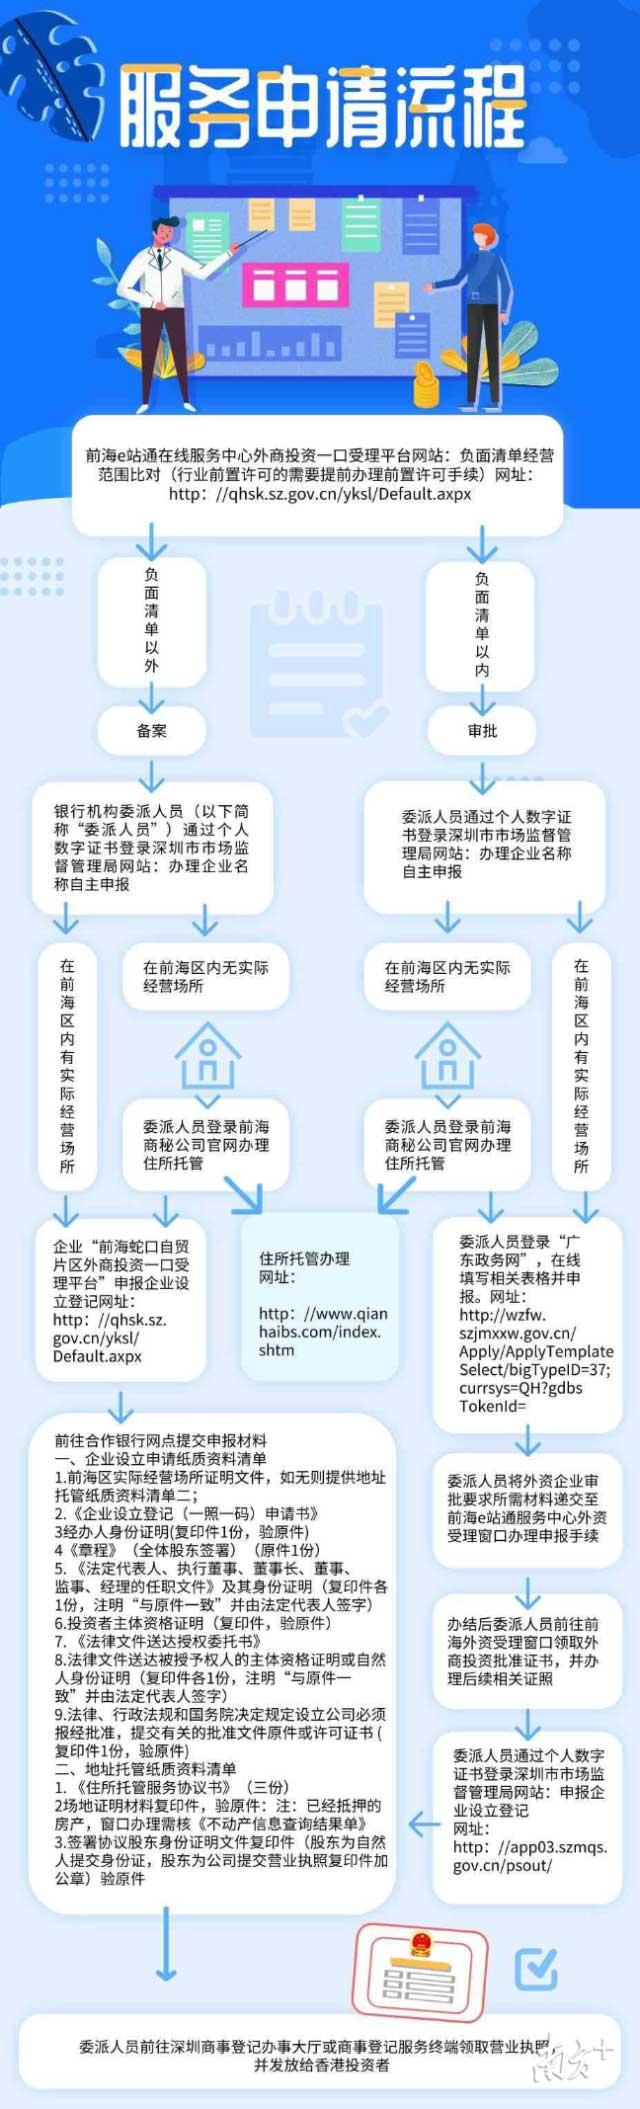 """""""深港通注册易""""服务申请流程"""